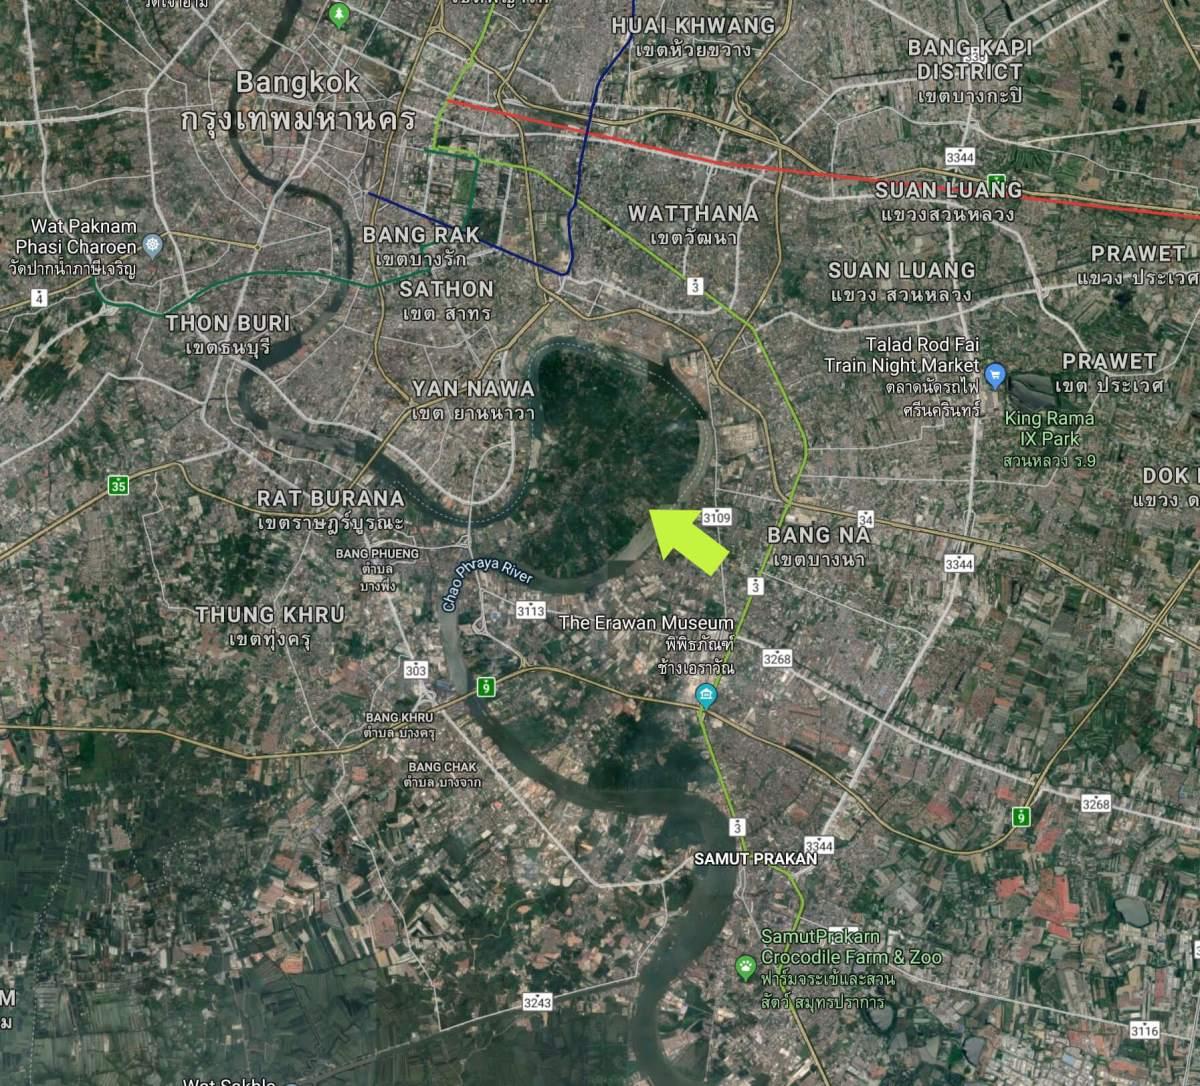 """สำรวจ """"สุขสวัสดิ์"""" ทำเลเยี่ยม ตอบโจทย์คนทำงานในเมืองสาทร-สีลม ที่อยากมี """"บ้าน"""" 49 - AP (Thailand) - เอพี (ไทยแลนด์)"""